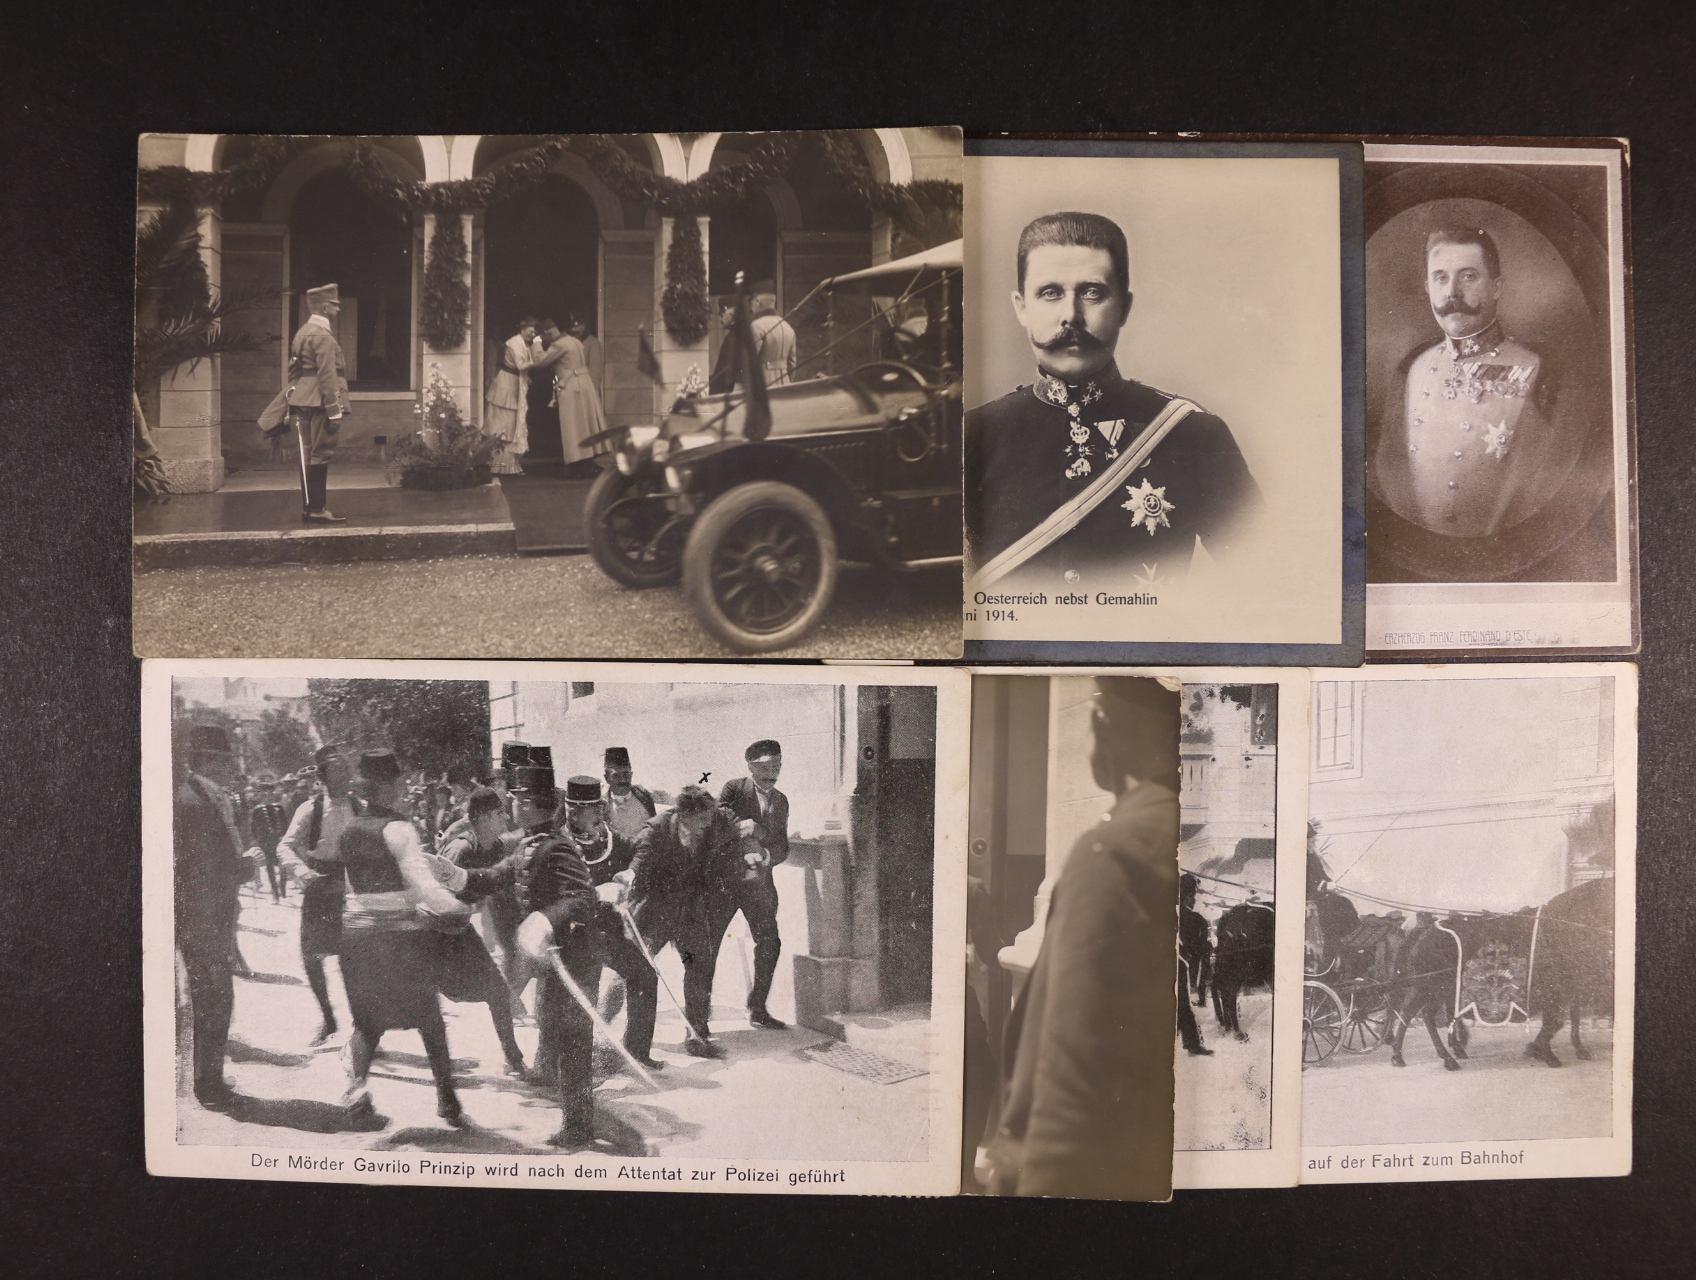 Osobnosti - sestava 7 ks jednobar. pohlednic s námětem atentátu a pohřbu Erzherzog Franz Ferdinanda, nepoužité, zajímavé